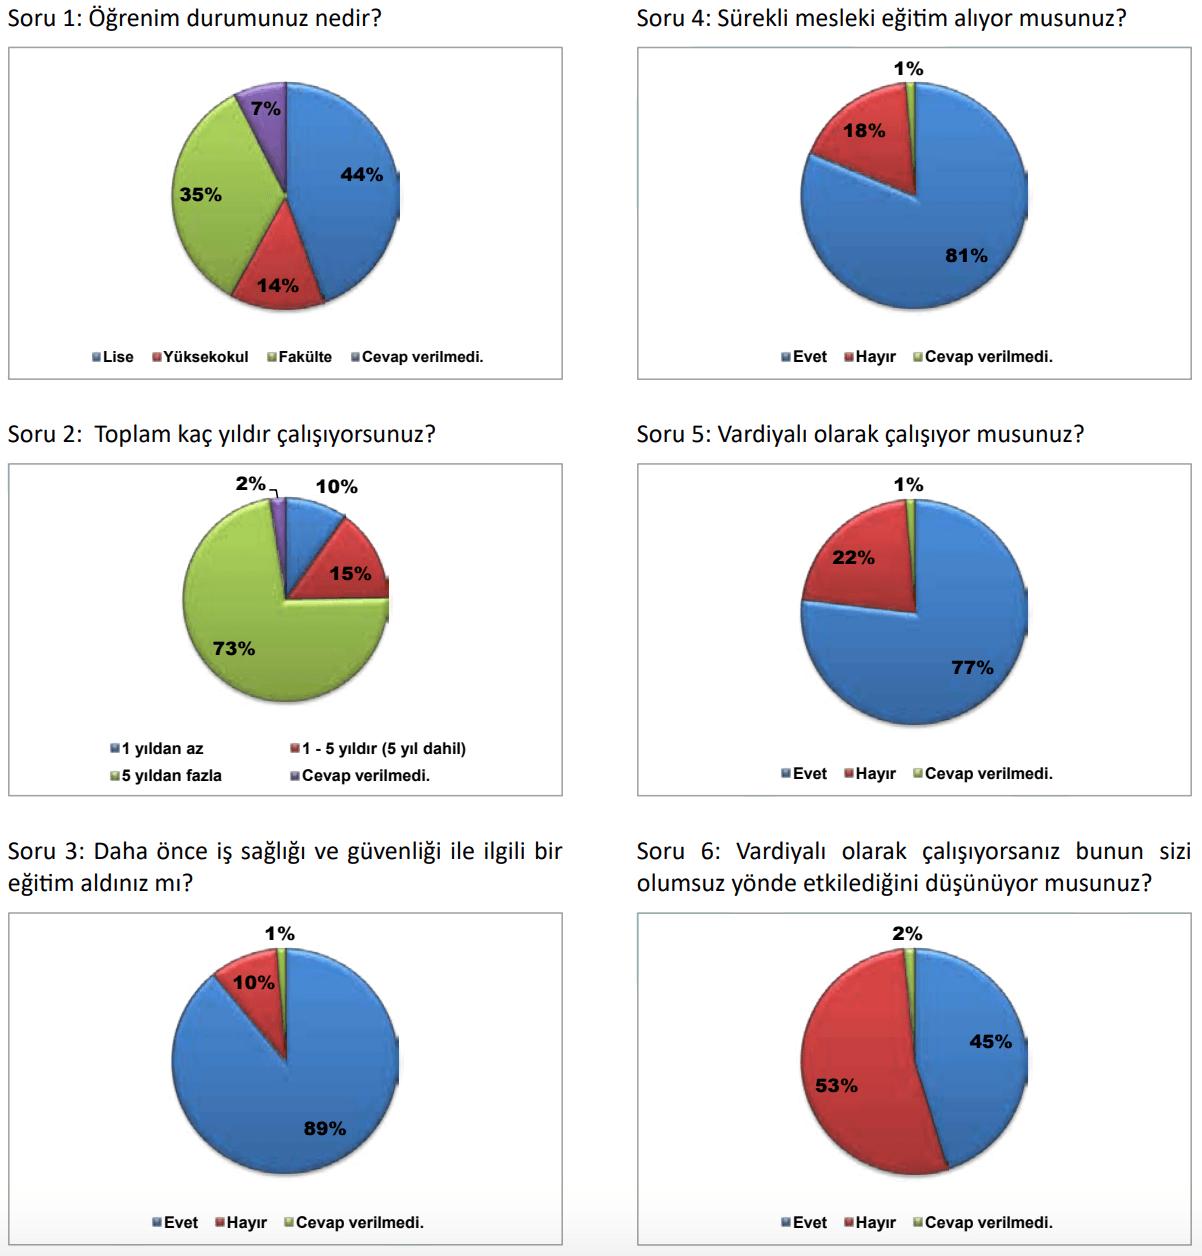 ilginc - Gemi adamları psikolojik araştırması - Gemi Adamları Psikososyal Anket Sonuçları